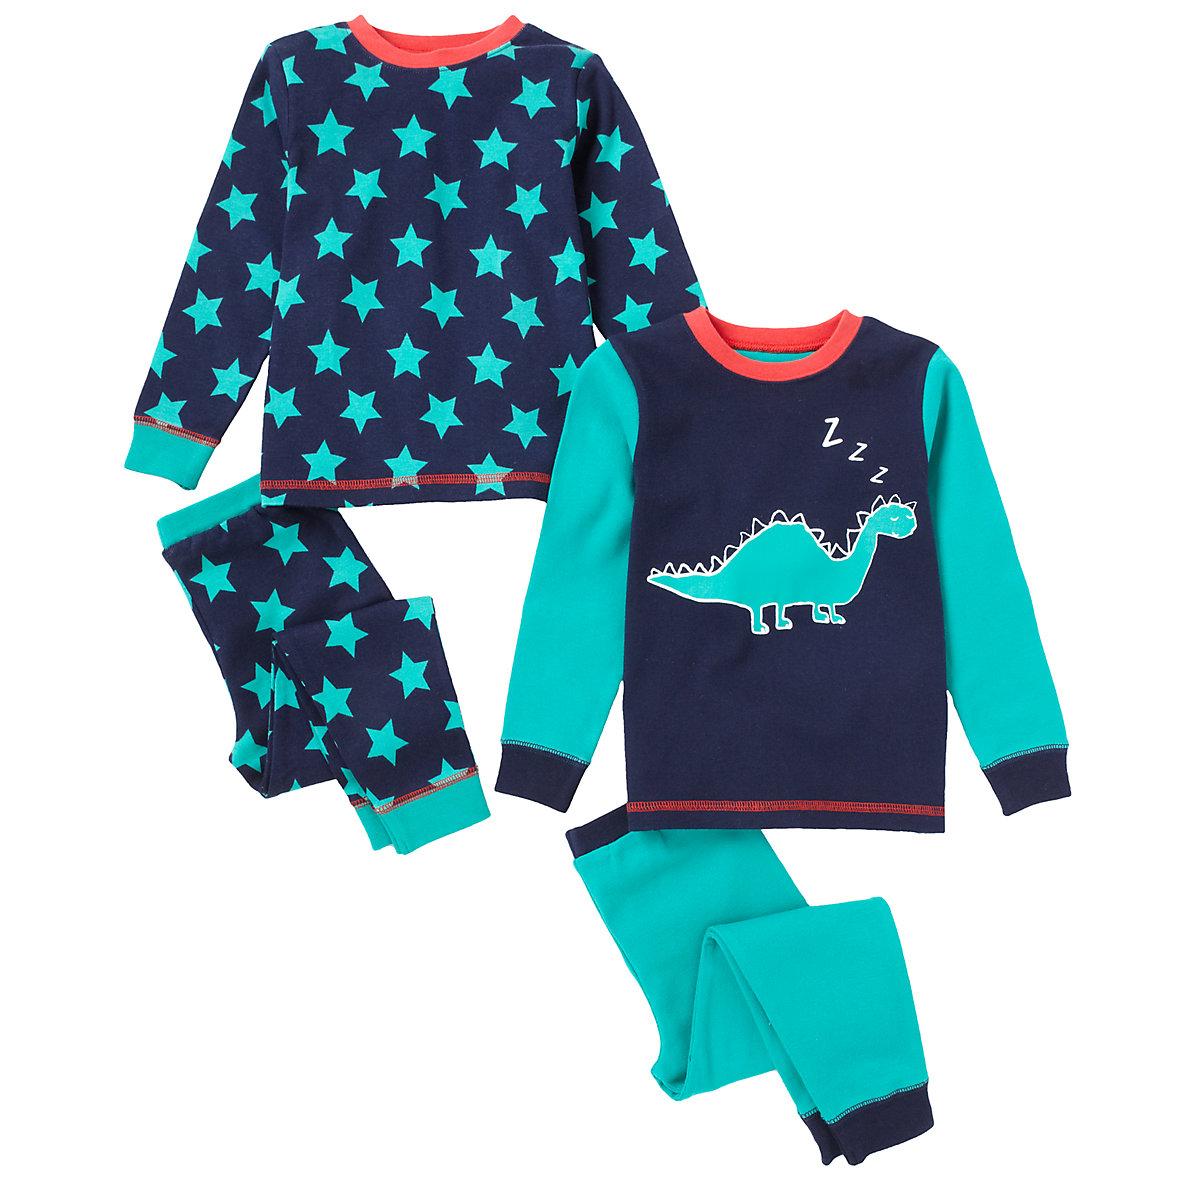 Mothercare Dinosaur Pyjamas - 2 Pack - Dinosaur Gifts